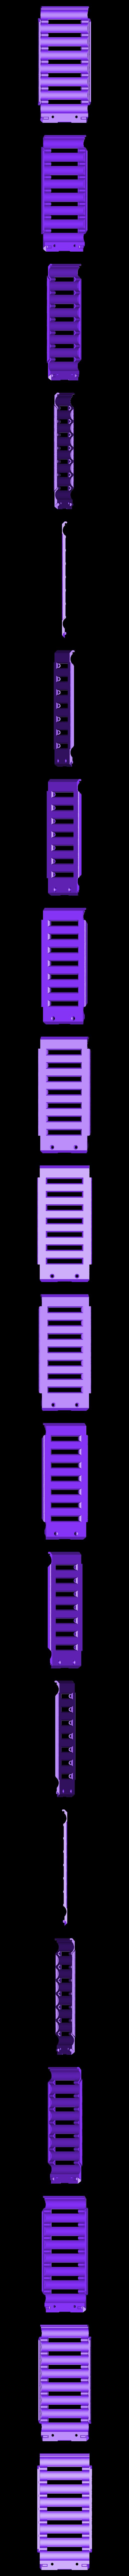 18650_8P_lid_V2_Vented.stl Télécharger fichier STL gratuit NESE, le module V2 sans soudure 18650 (VENTED) • Objet pour imprimante 3D, 18650